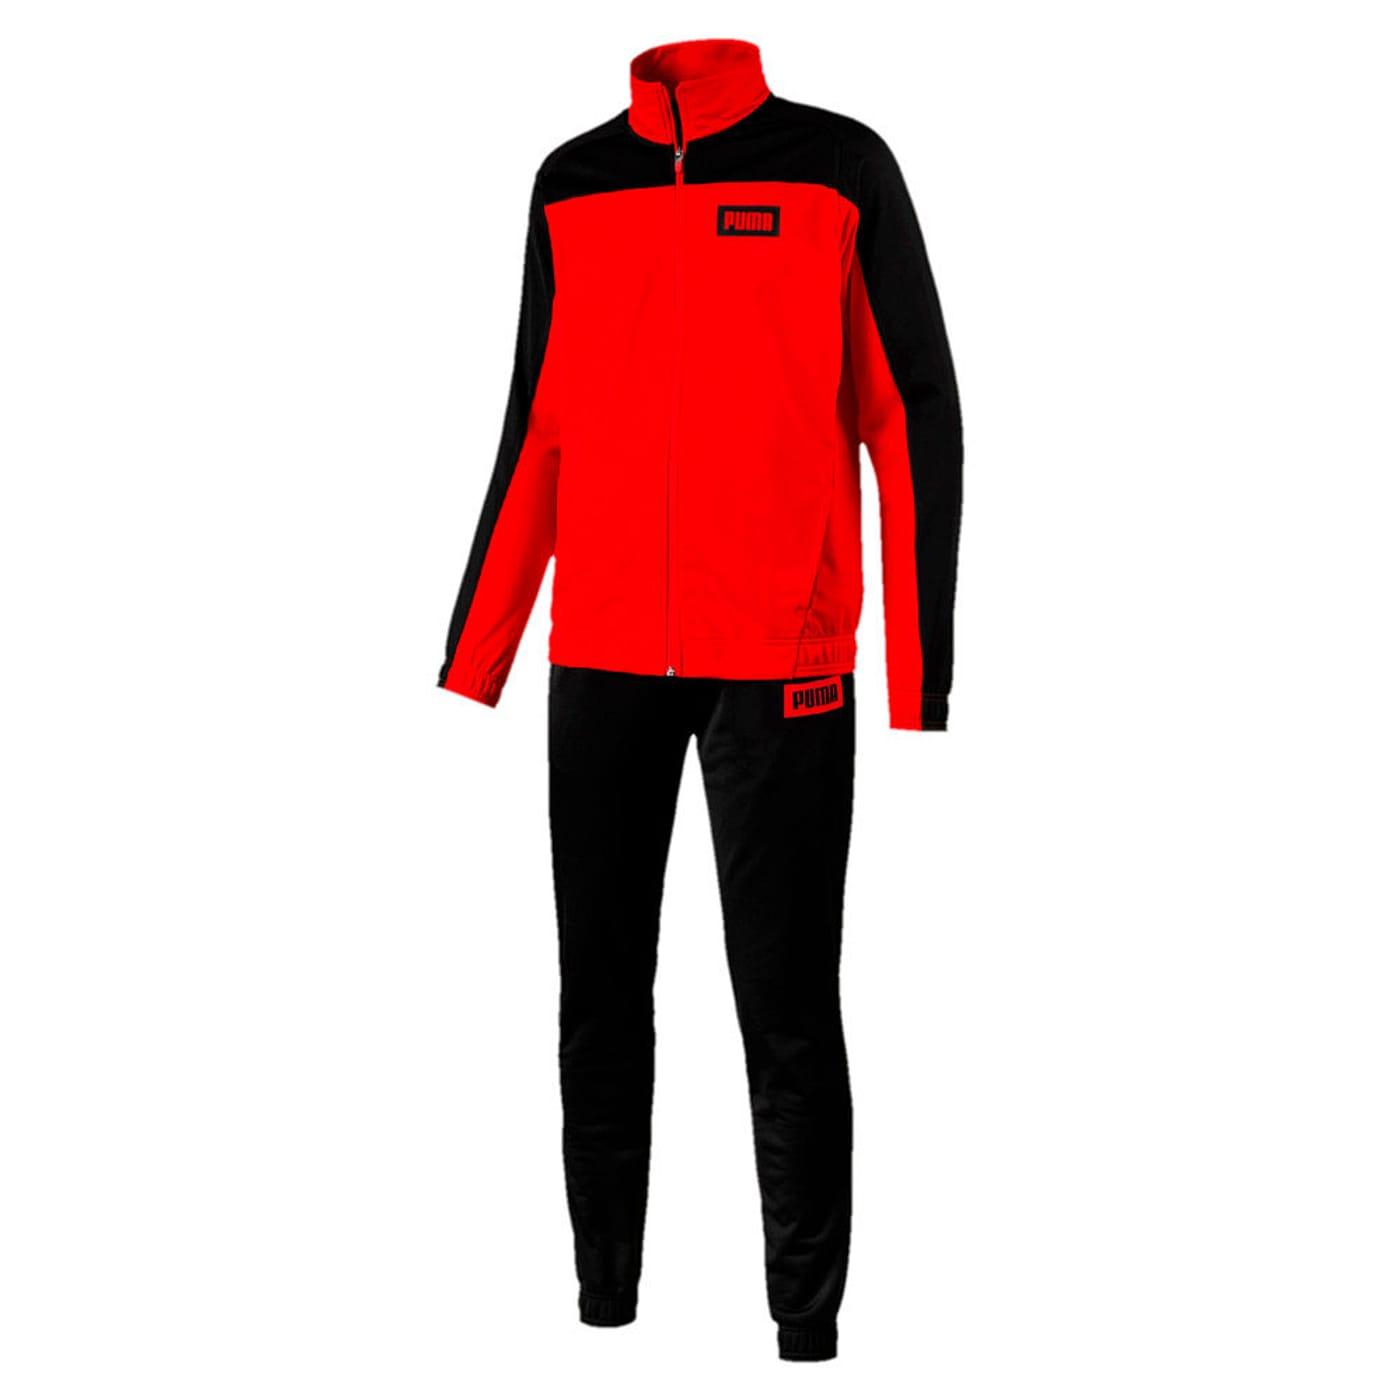 e6caf9a2ad Puma Classic Woven Suit Op Survêtement pour homme | Migros